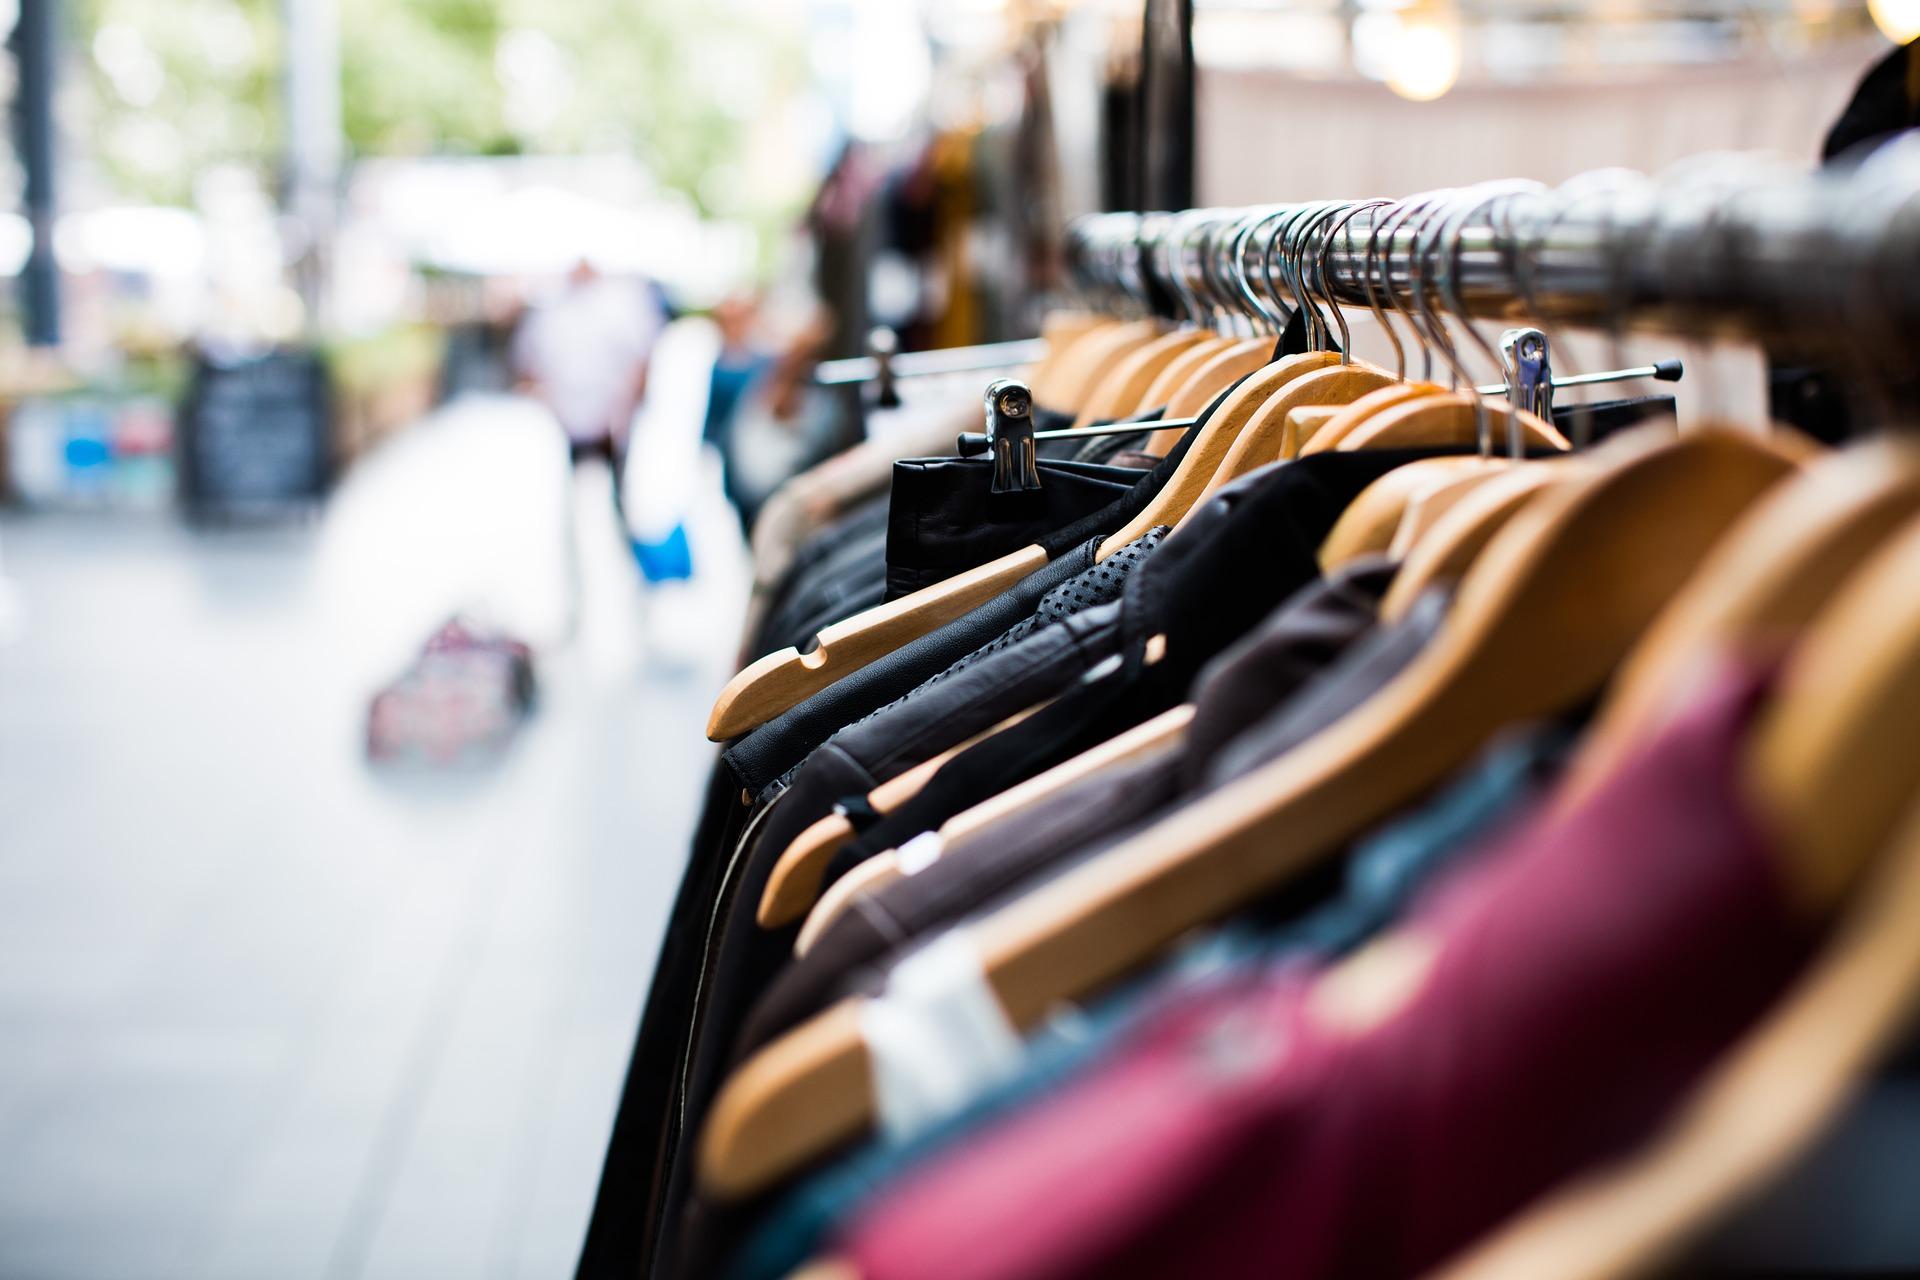 كيف أبدأ في مشروع تجارة الملابس